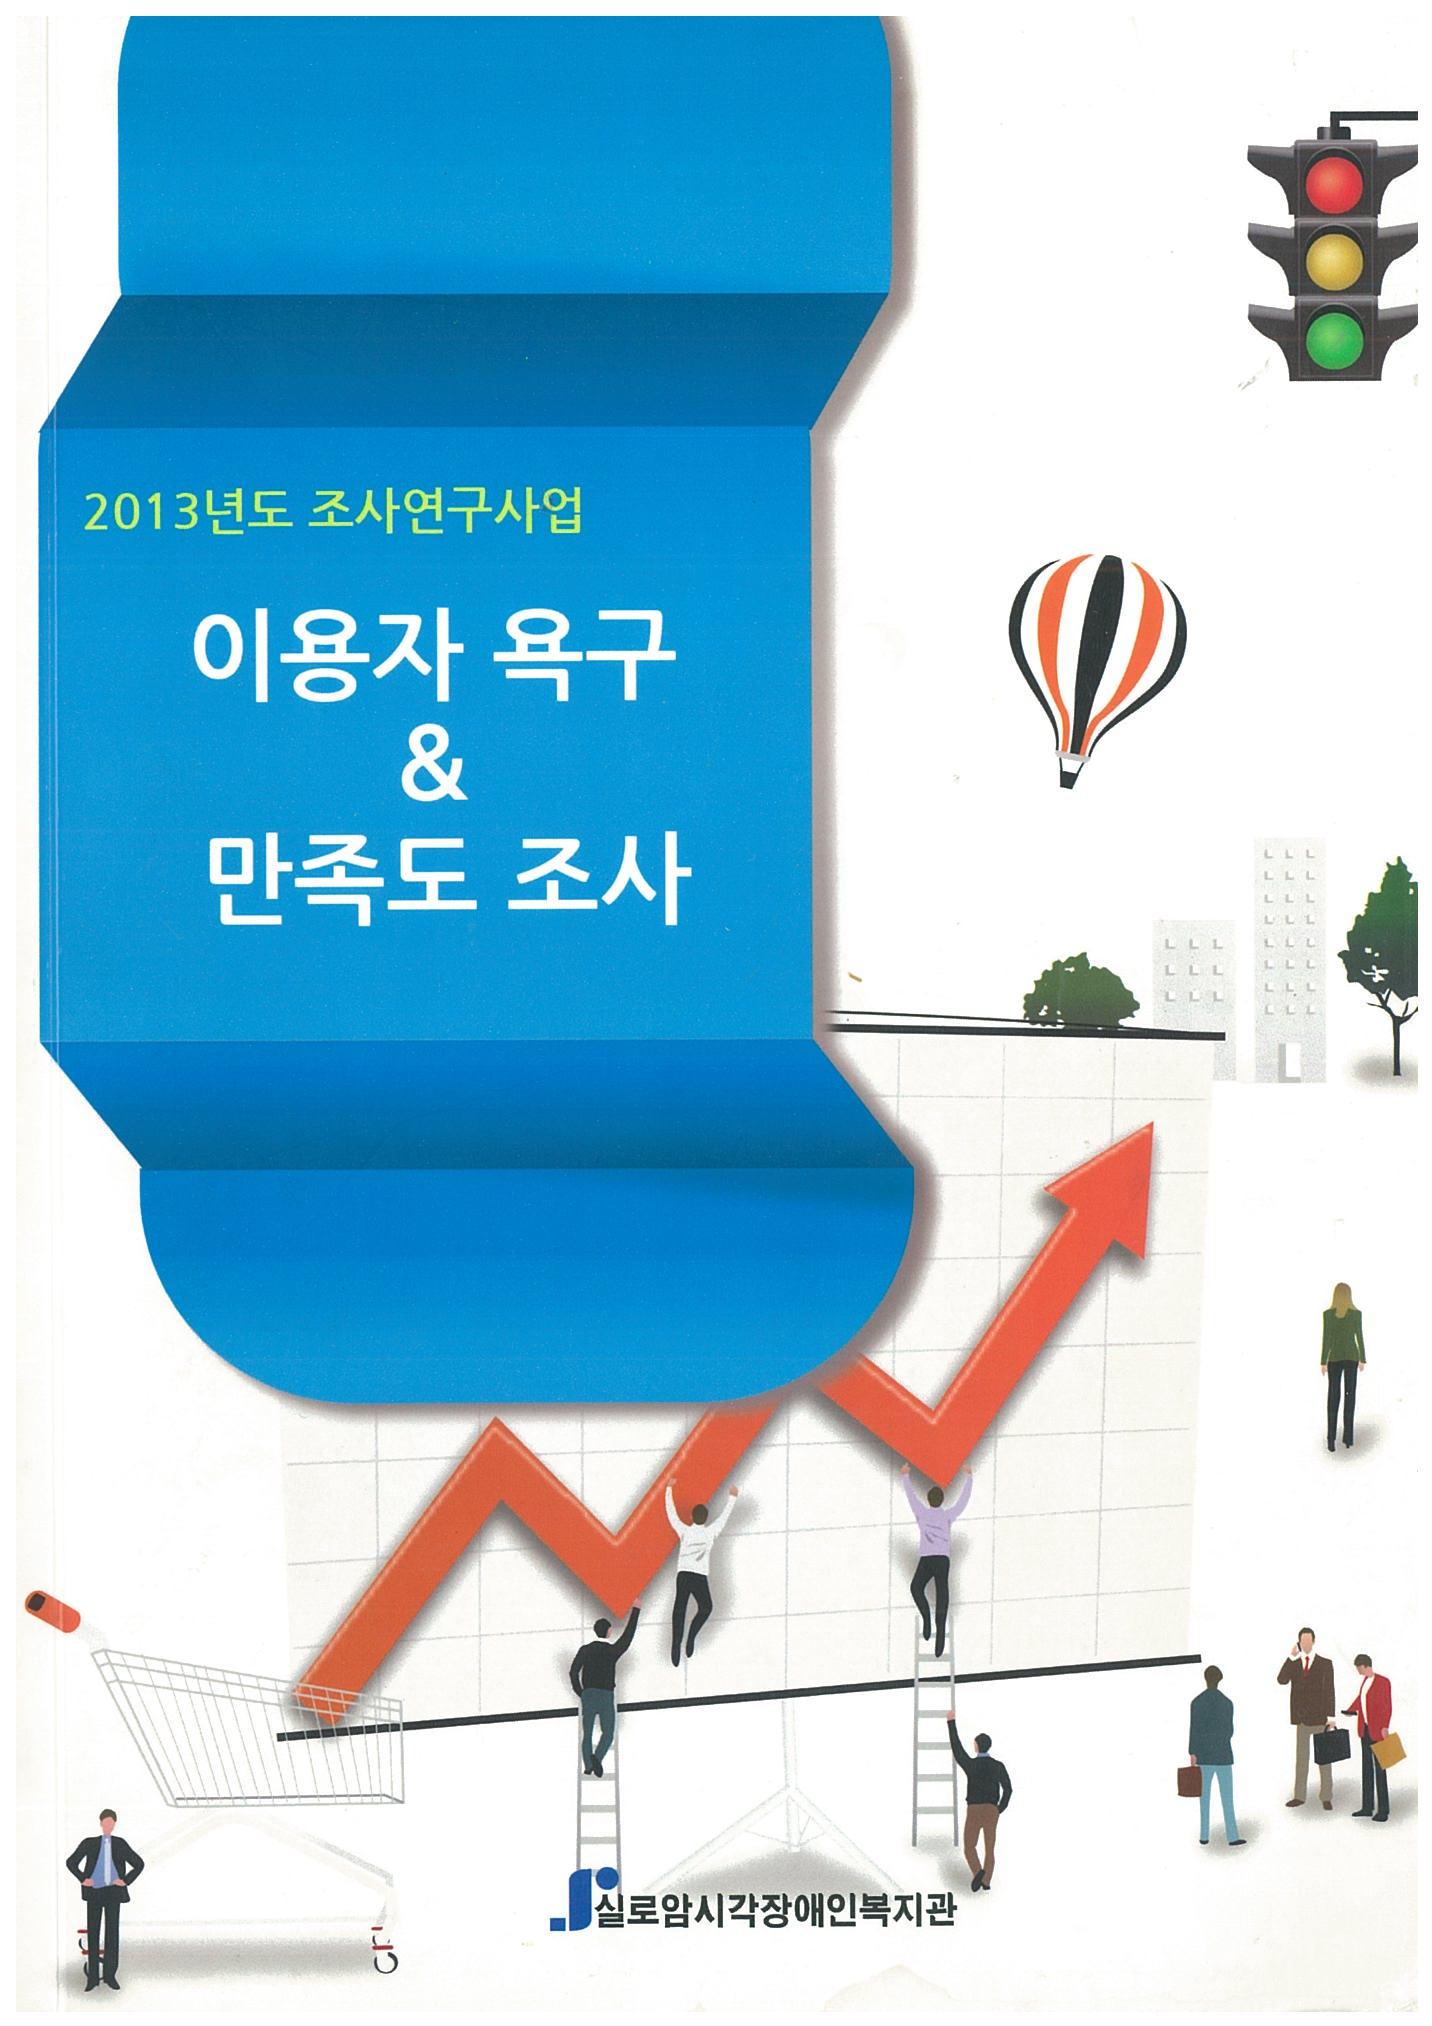 2013년도 이용자욕구&만족도조사 썸네일